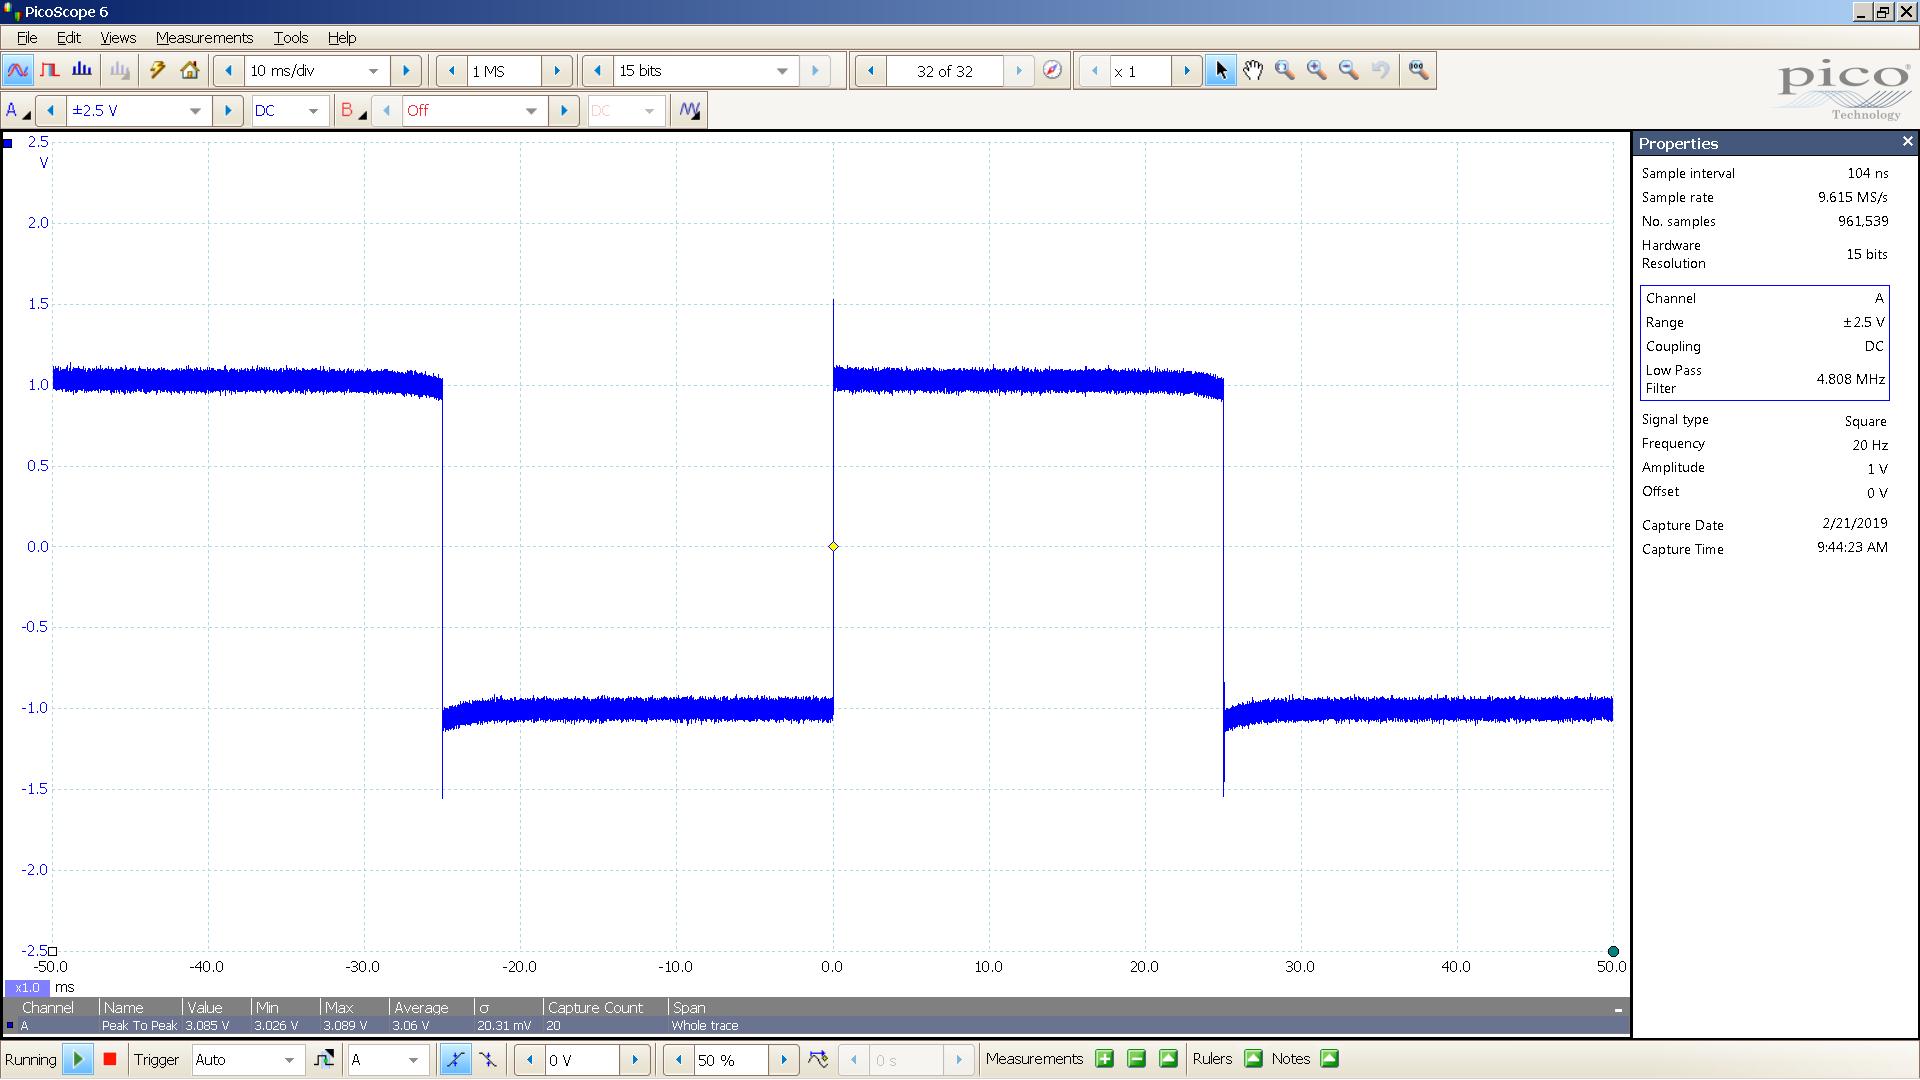 20190221 SigGen DSHA-3F 20 Hz square 2000mVpp 10mS div 5MHz filter 300R.png